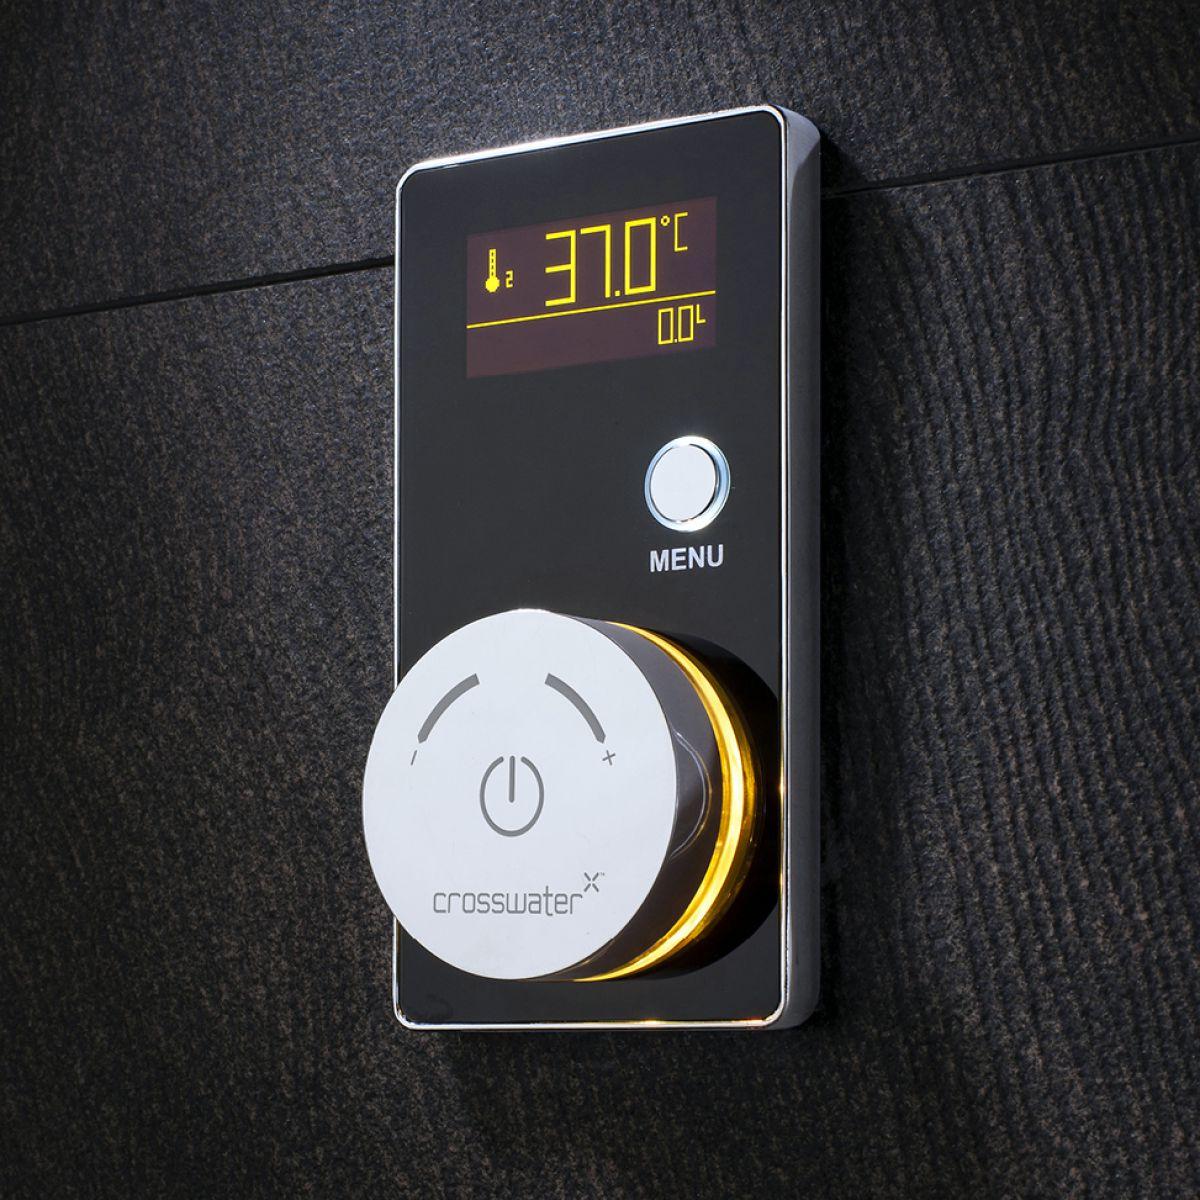 Crosswater Digital Elite Shower Controller Uk Bathrooms